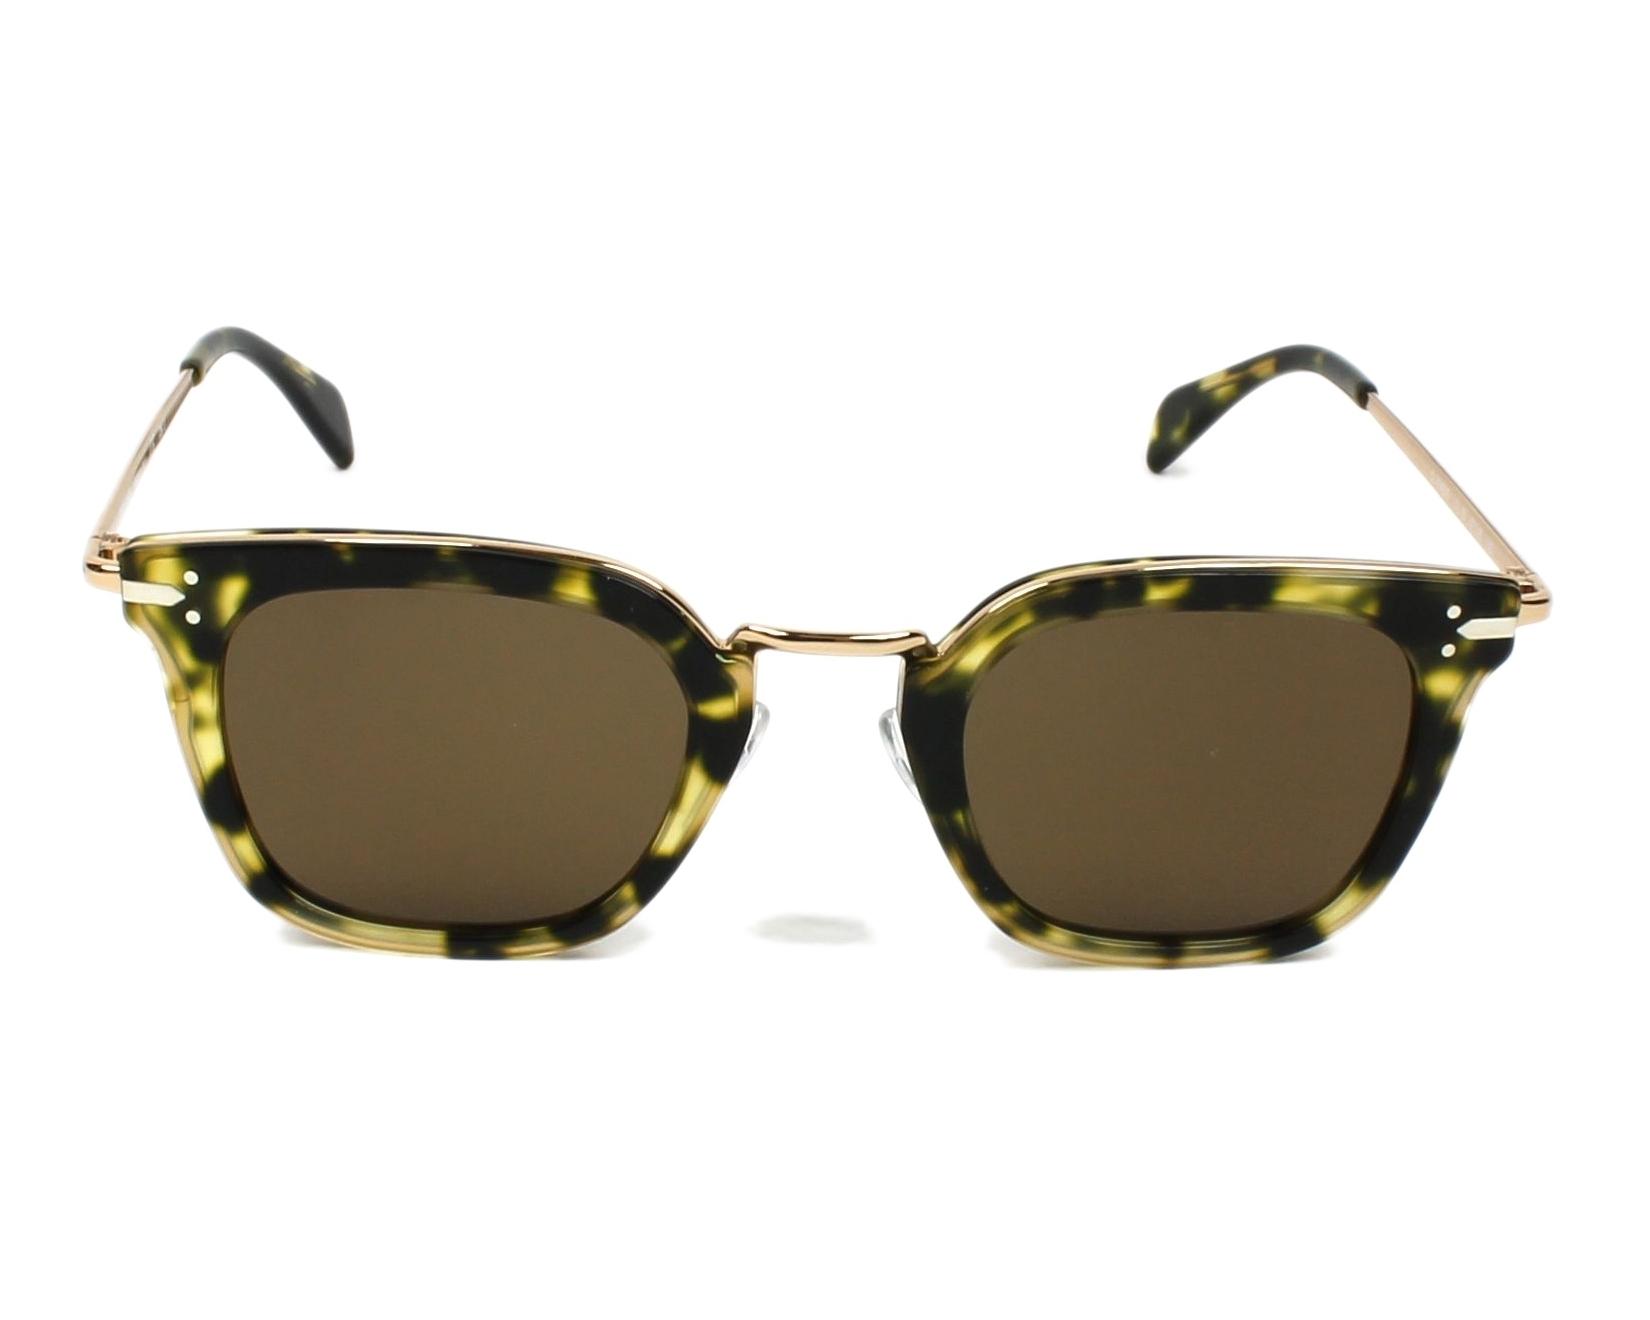 0bac013943d Sunglasses Céline CL-41402 J1L A6 47-25 Havana Gold front view